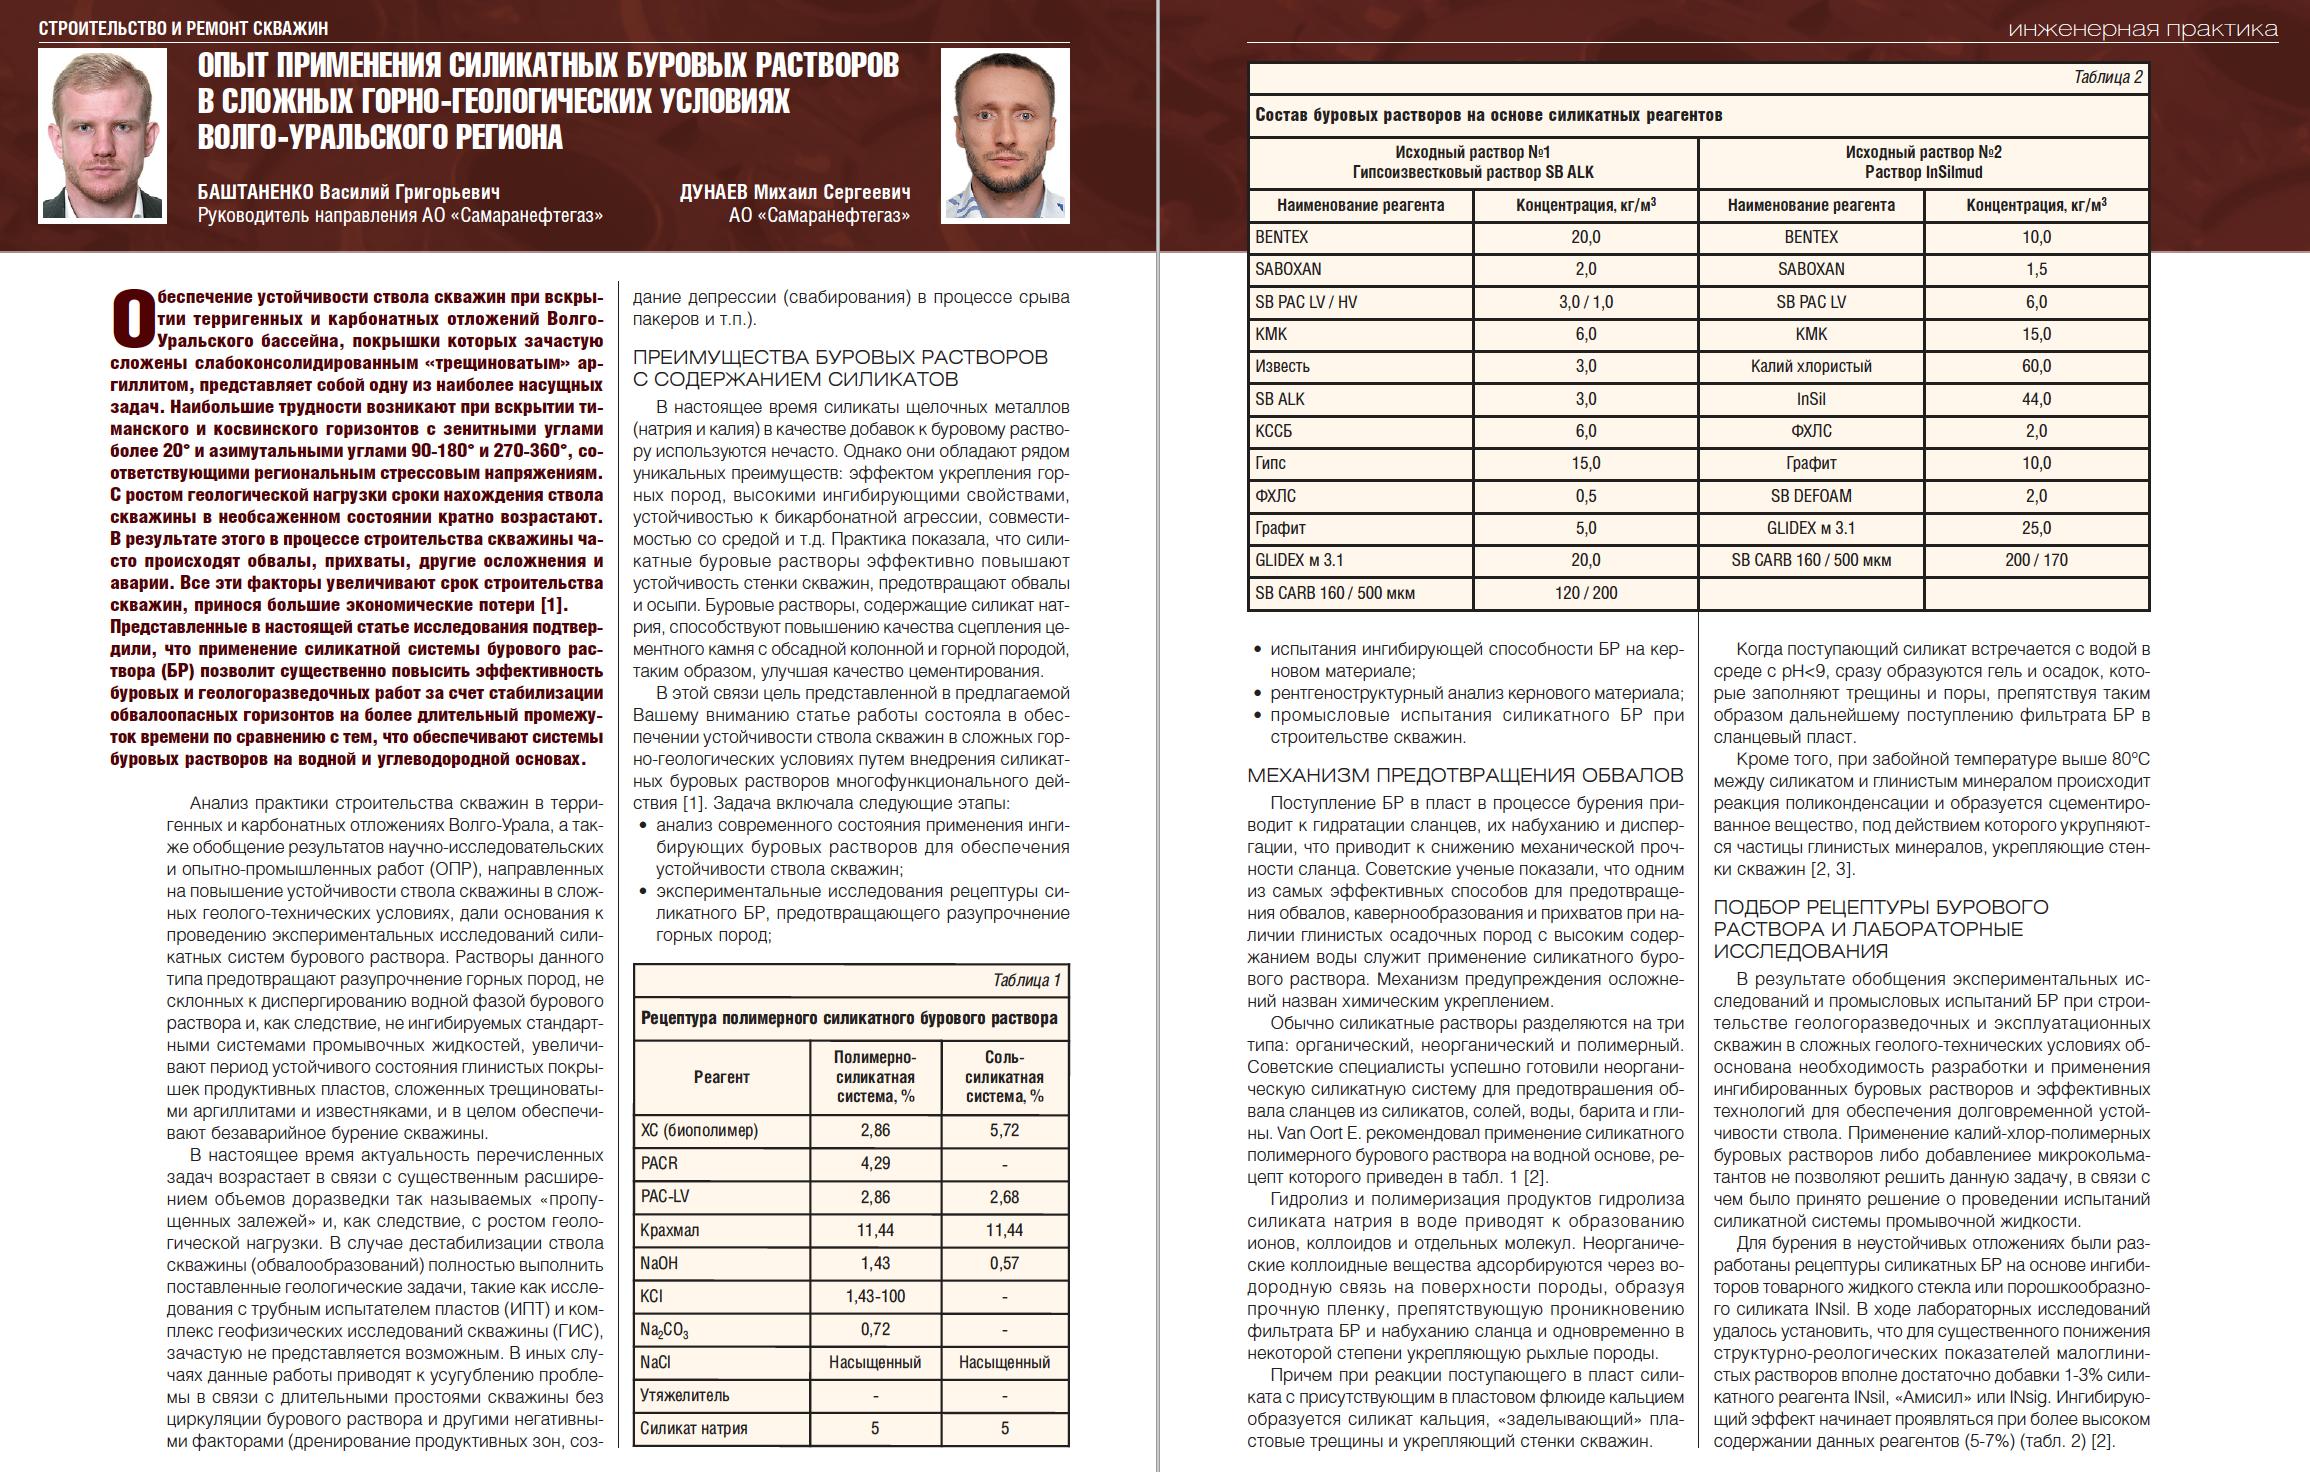 28073 Опыт применения силикатных буровых растворов в сложных горно-геологических условиях Волго-Уральского региона